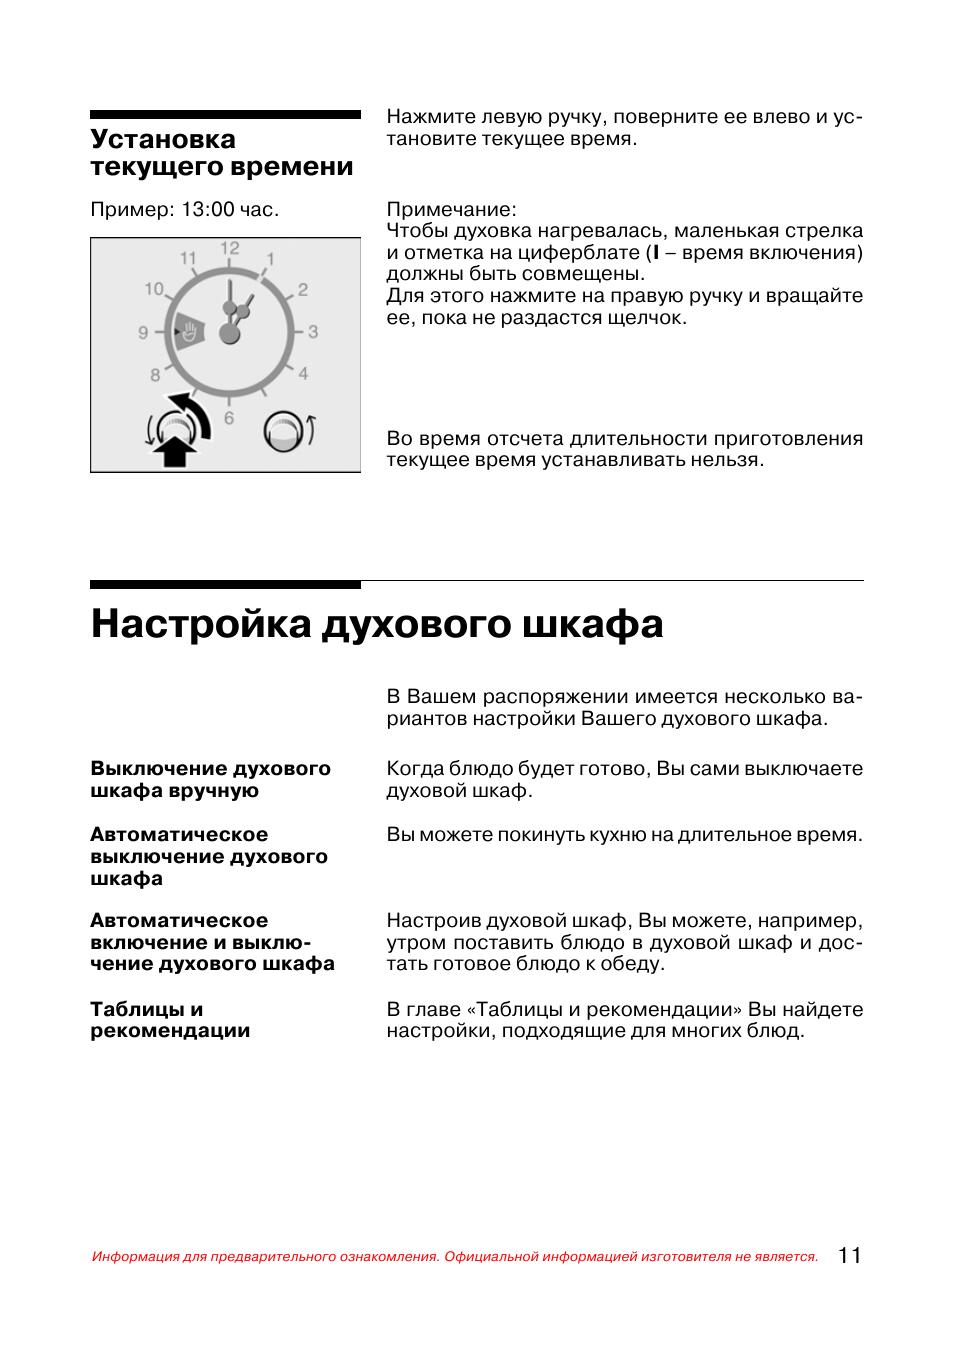 инструкция по эксплуатации газового духового шкафа кайзер